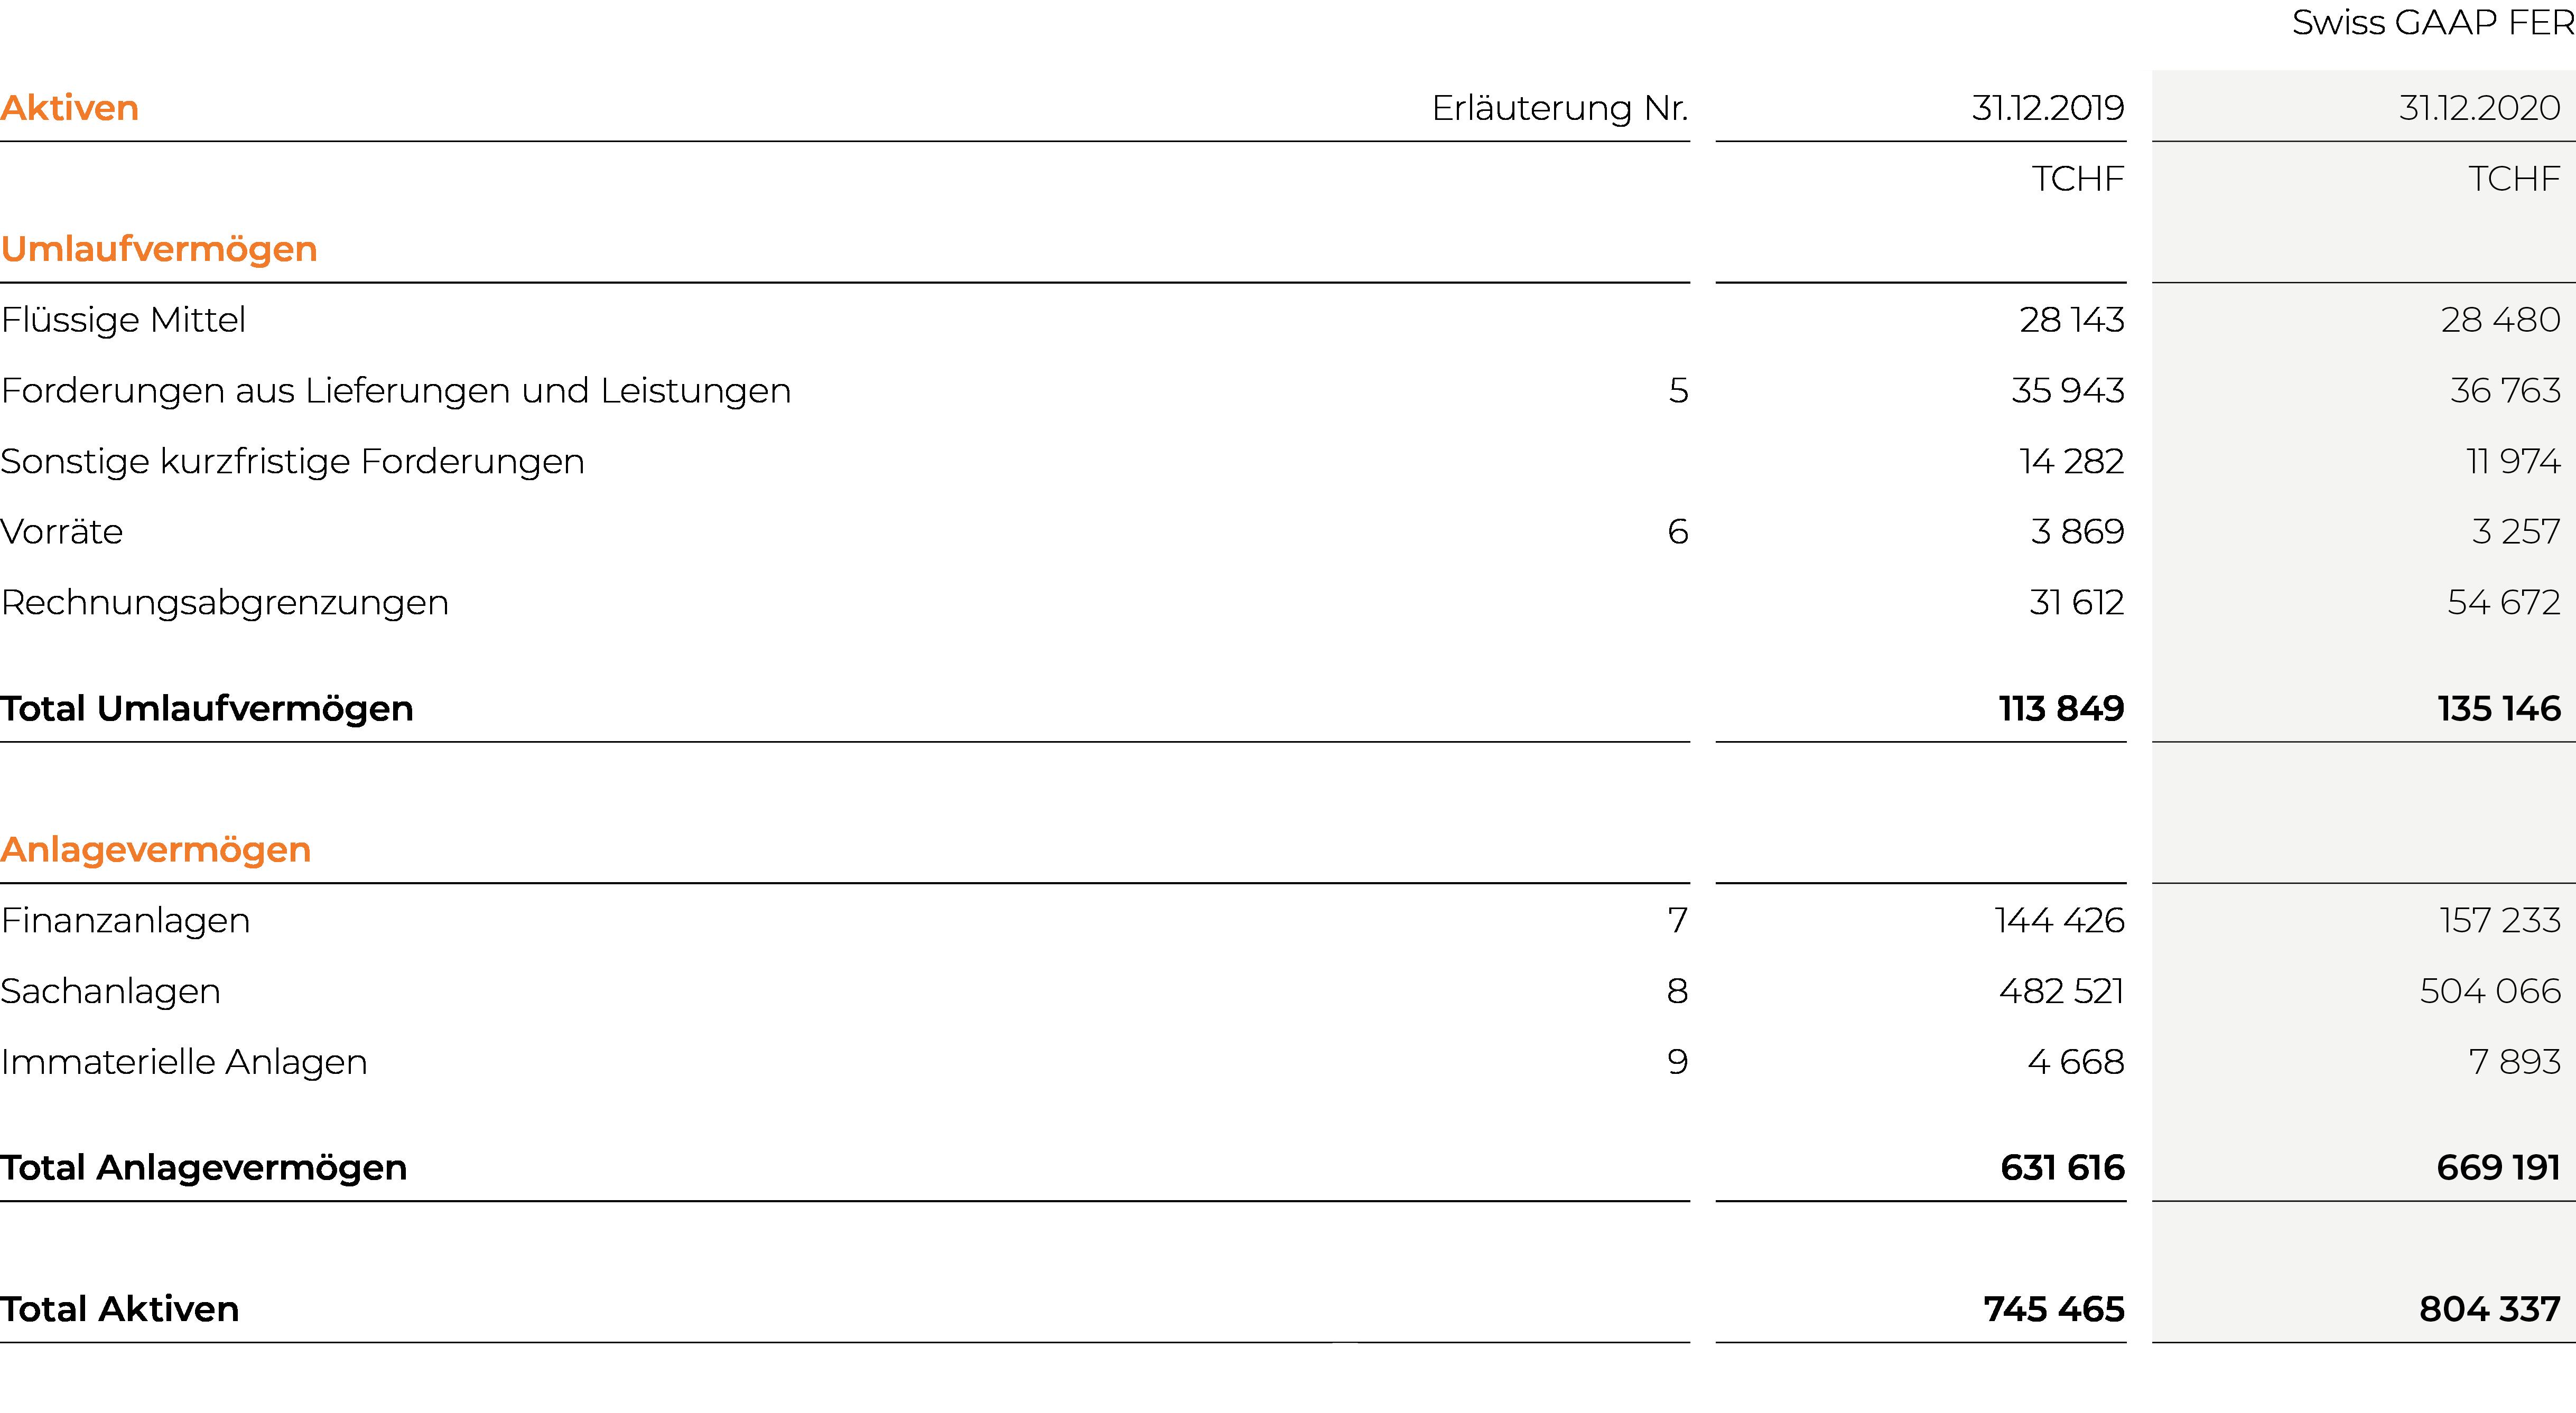 EBL_GB-20_Kons_Bilanz_Aktiven_DE